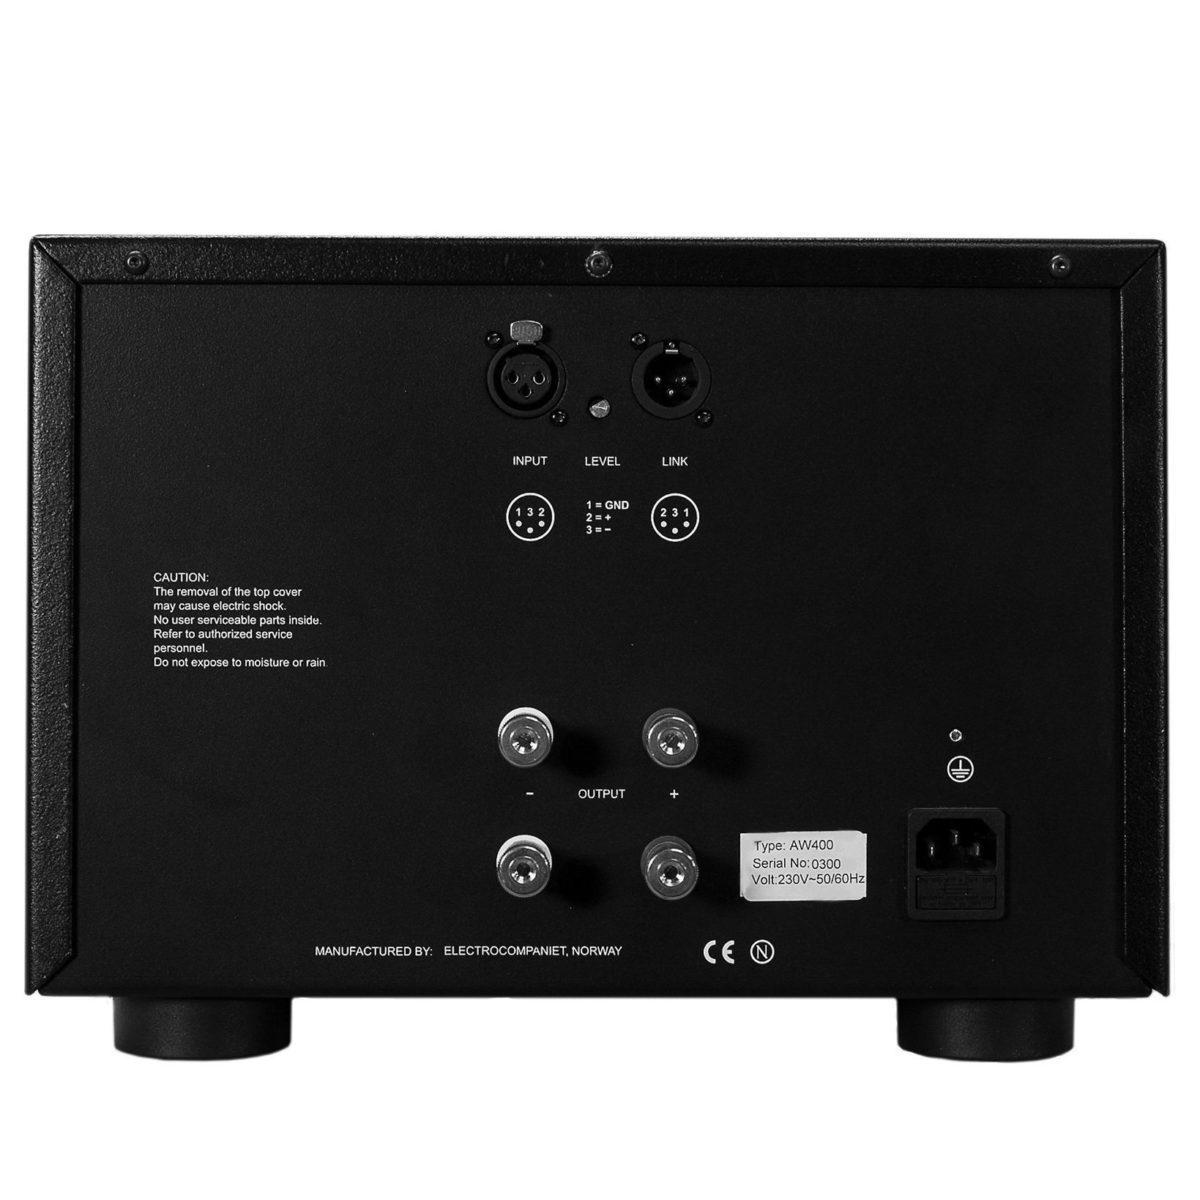 Electrocompaniet_AW400_monoblokk_2 - Professional Audio